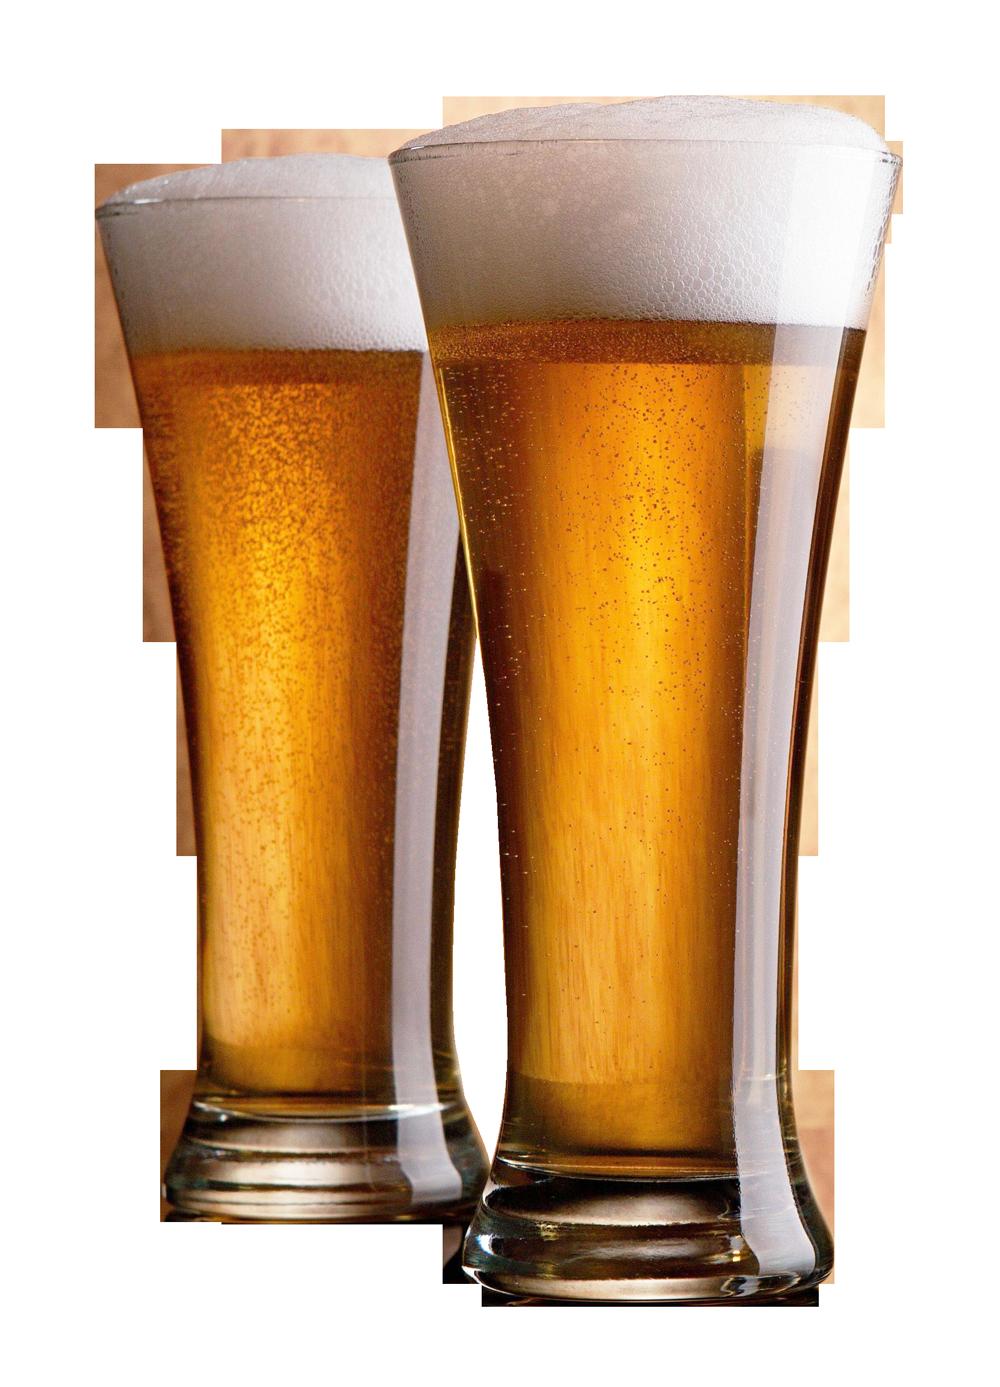 Beer Glasses Png Image Beer Glass Beer Beer Glasses